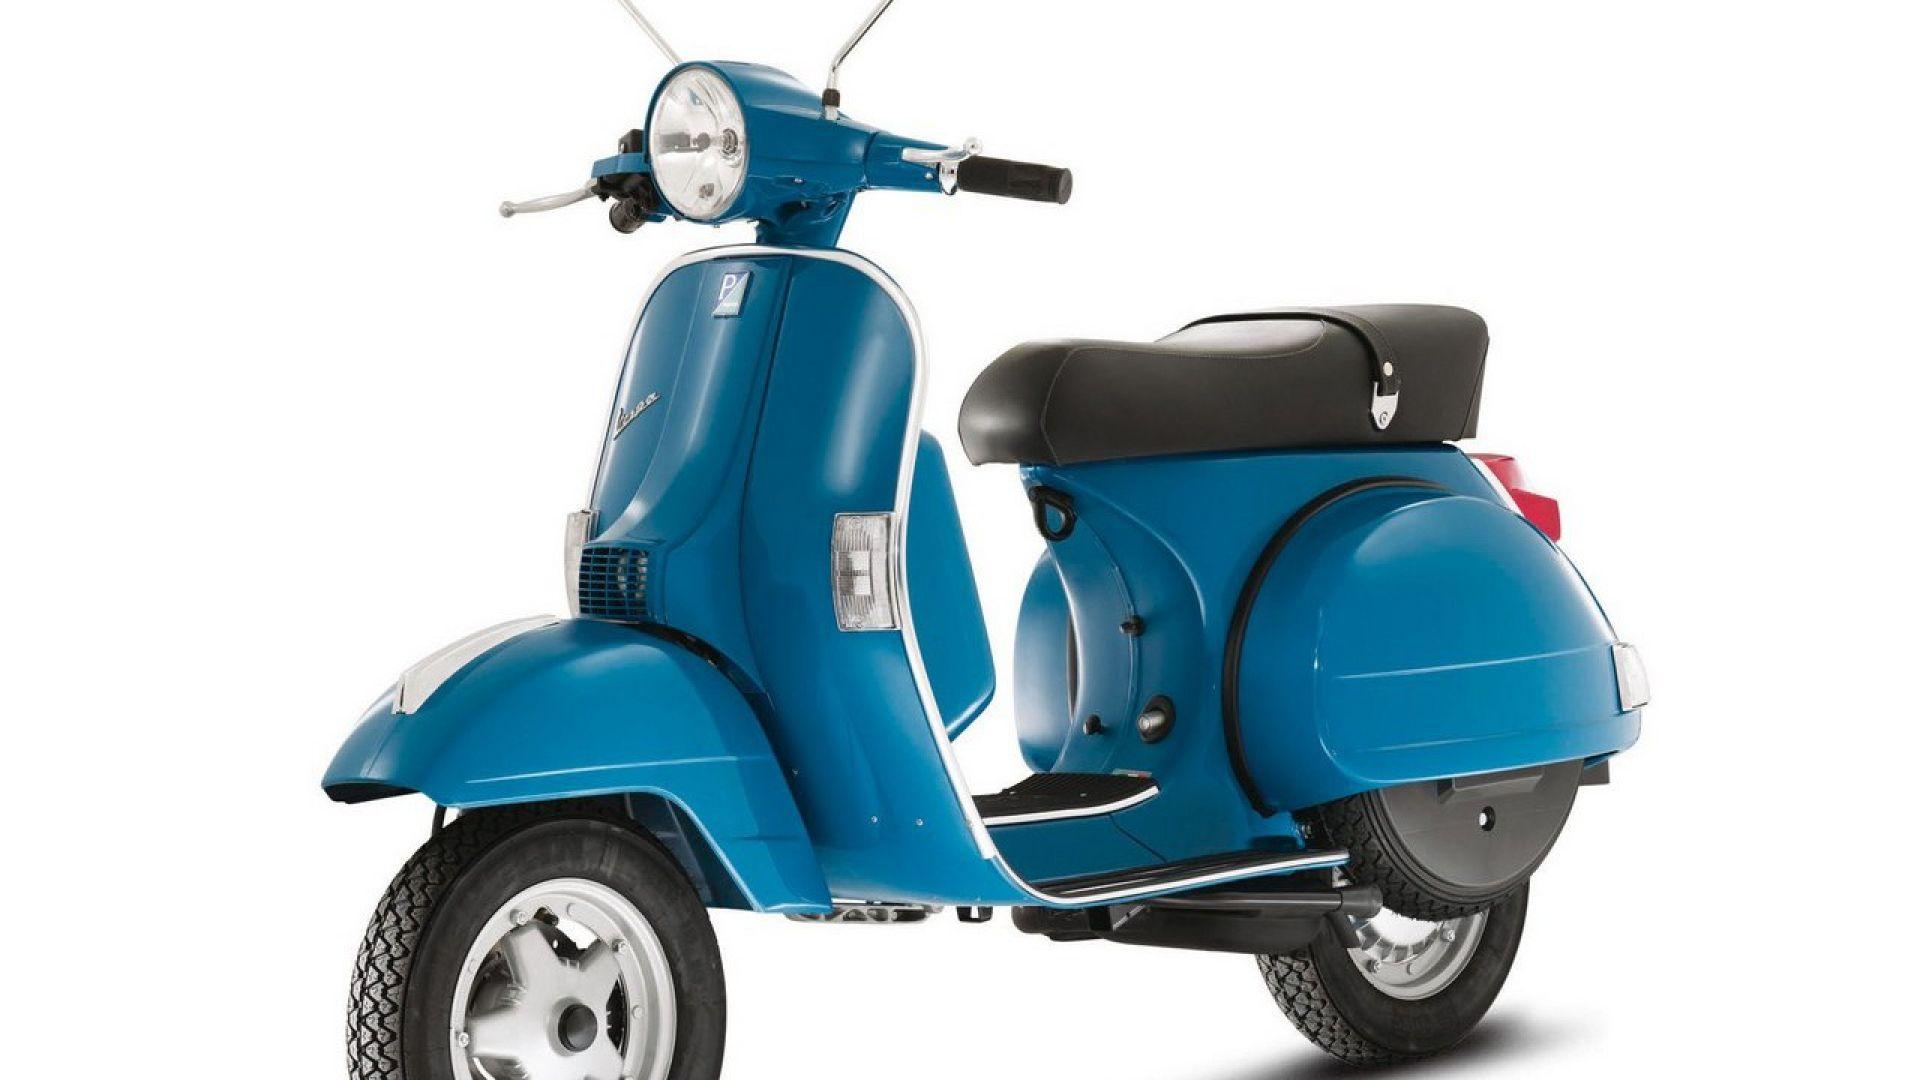 Immagine 9: Piaggio Vespa PX 2011